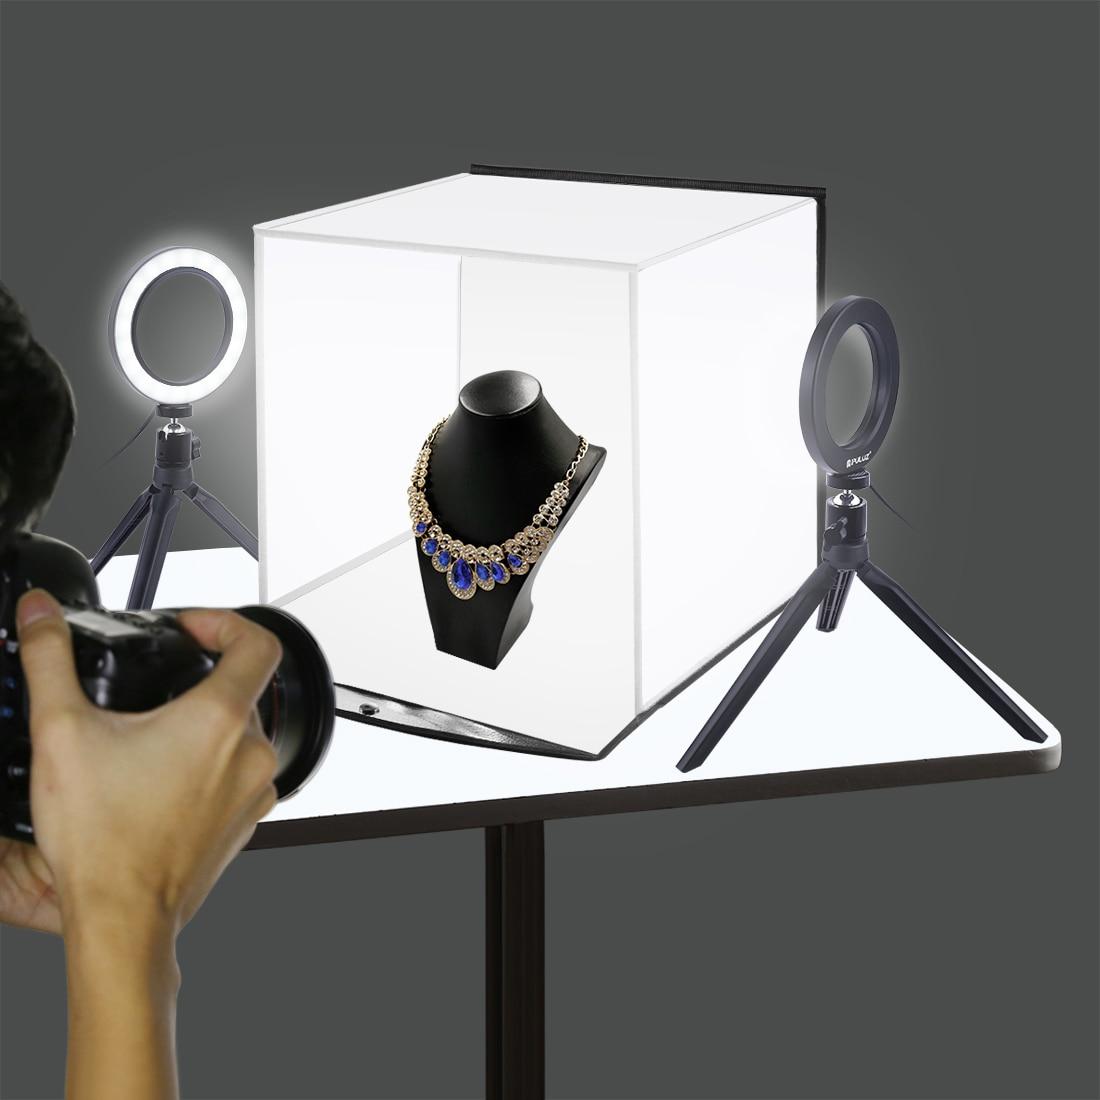 Softbox anneau flash Table support de lumière 30cm godox Cube Photo Studio lumière photographie neewer tente décors Kit